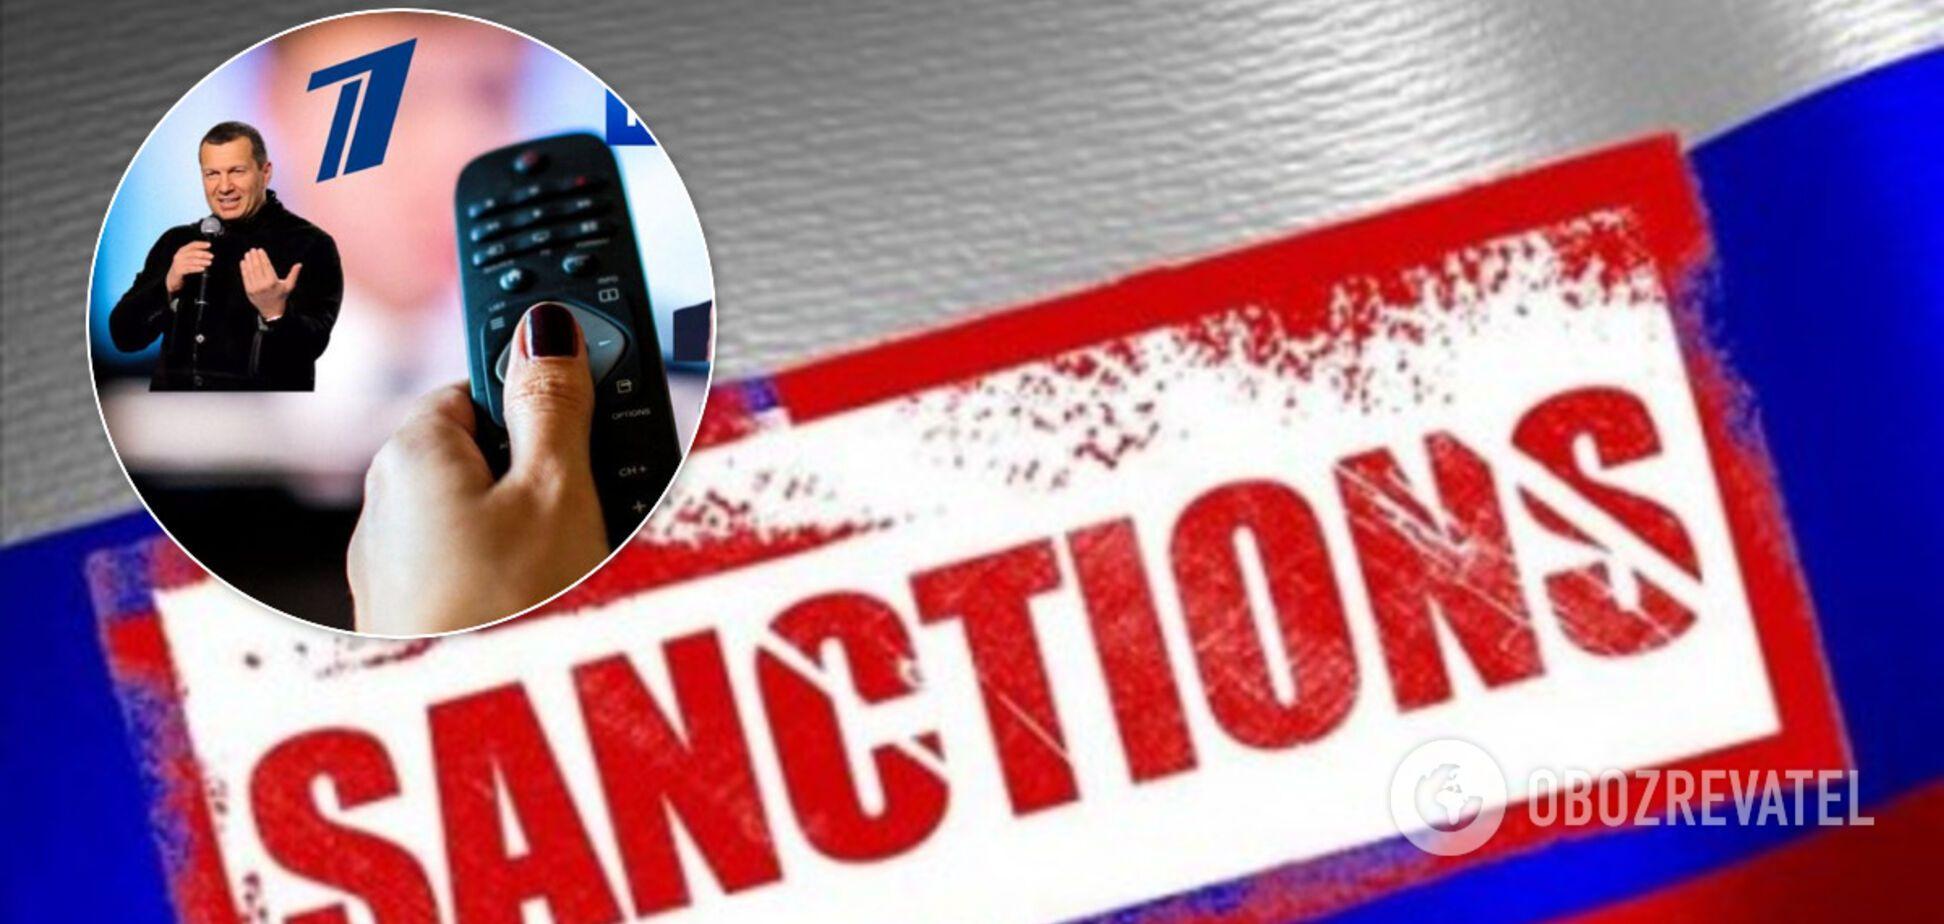 СНБО продлил на 3 года санкции против российских телеканалов: список пропагандистов